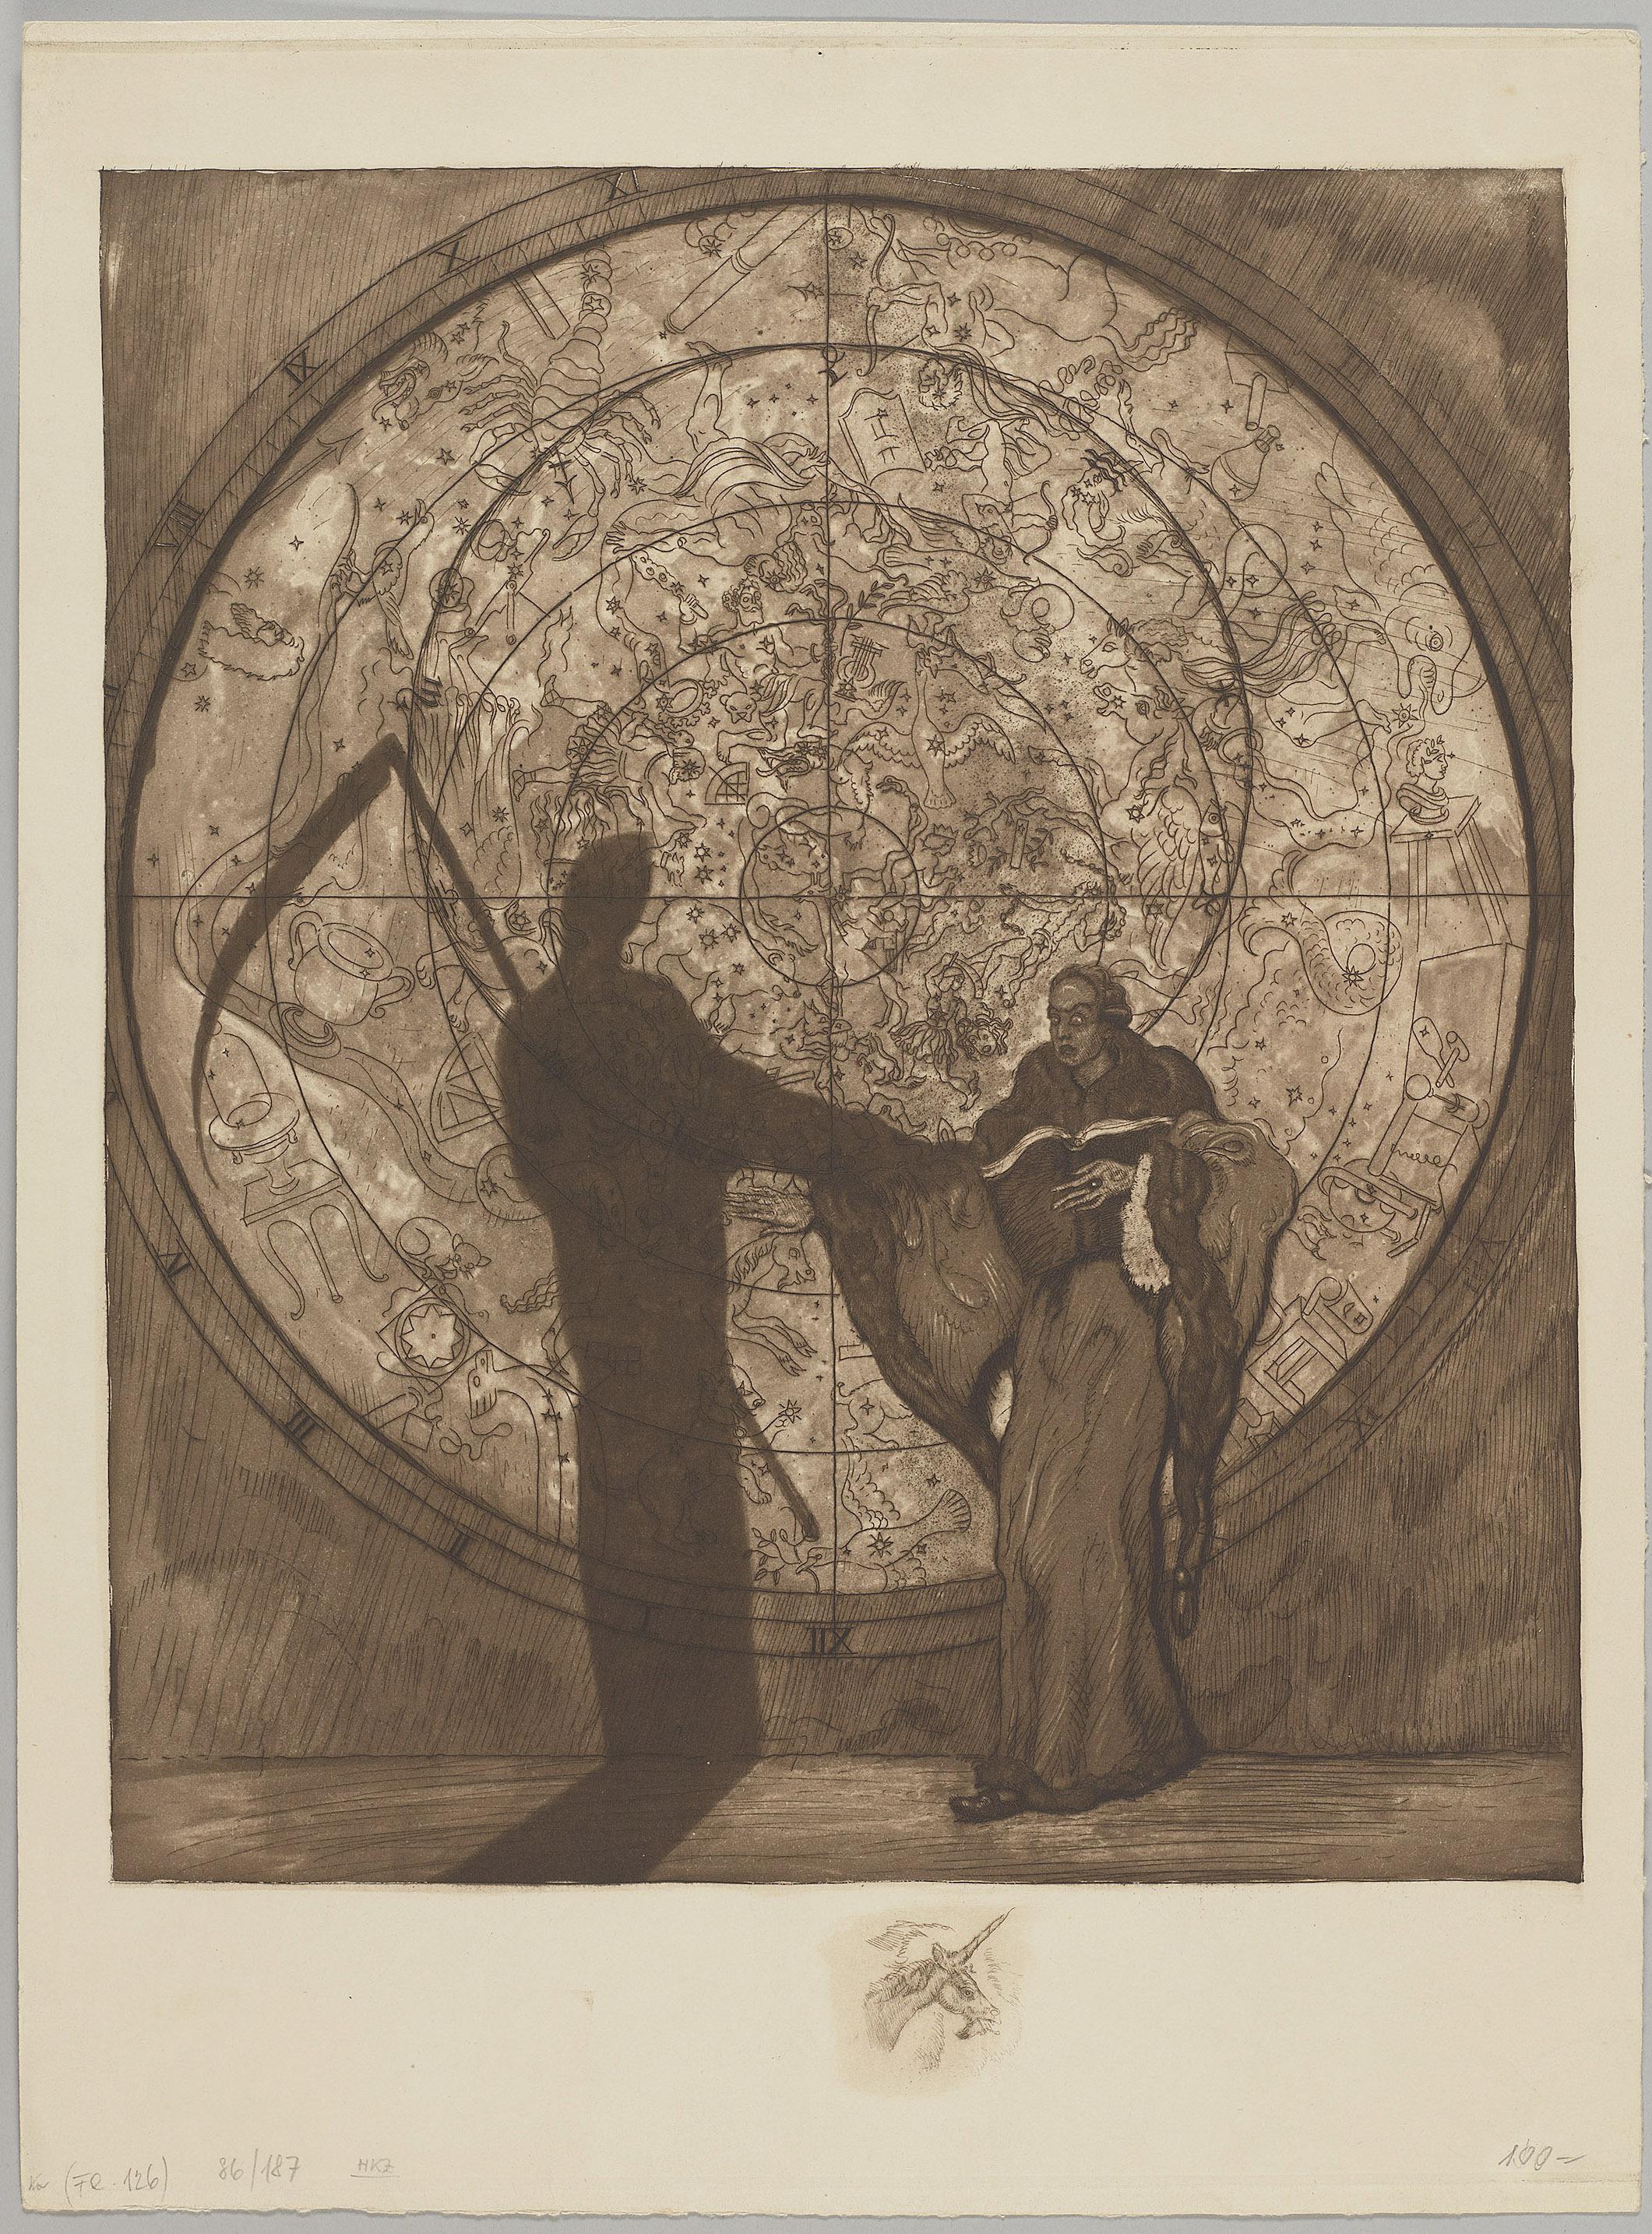 Astrologie von Richard Teschner